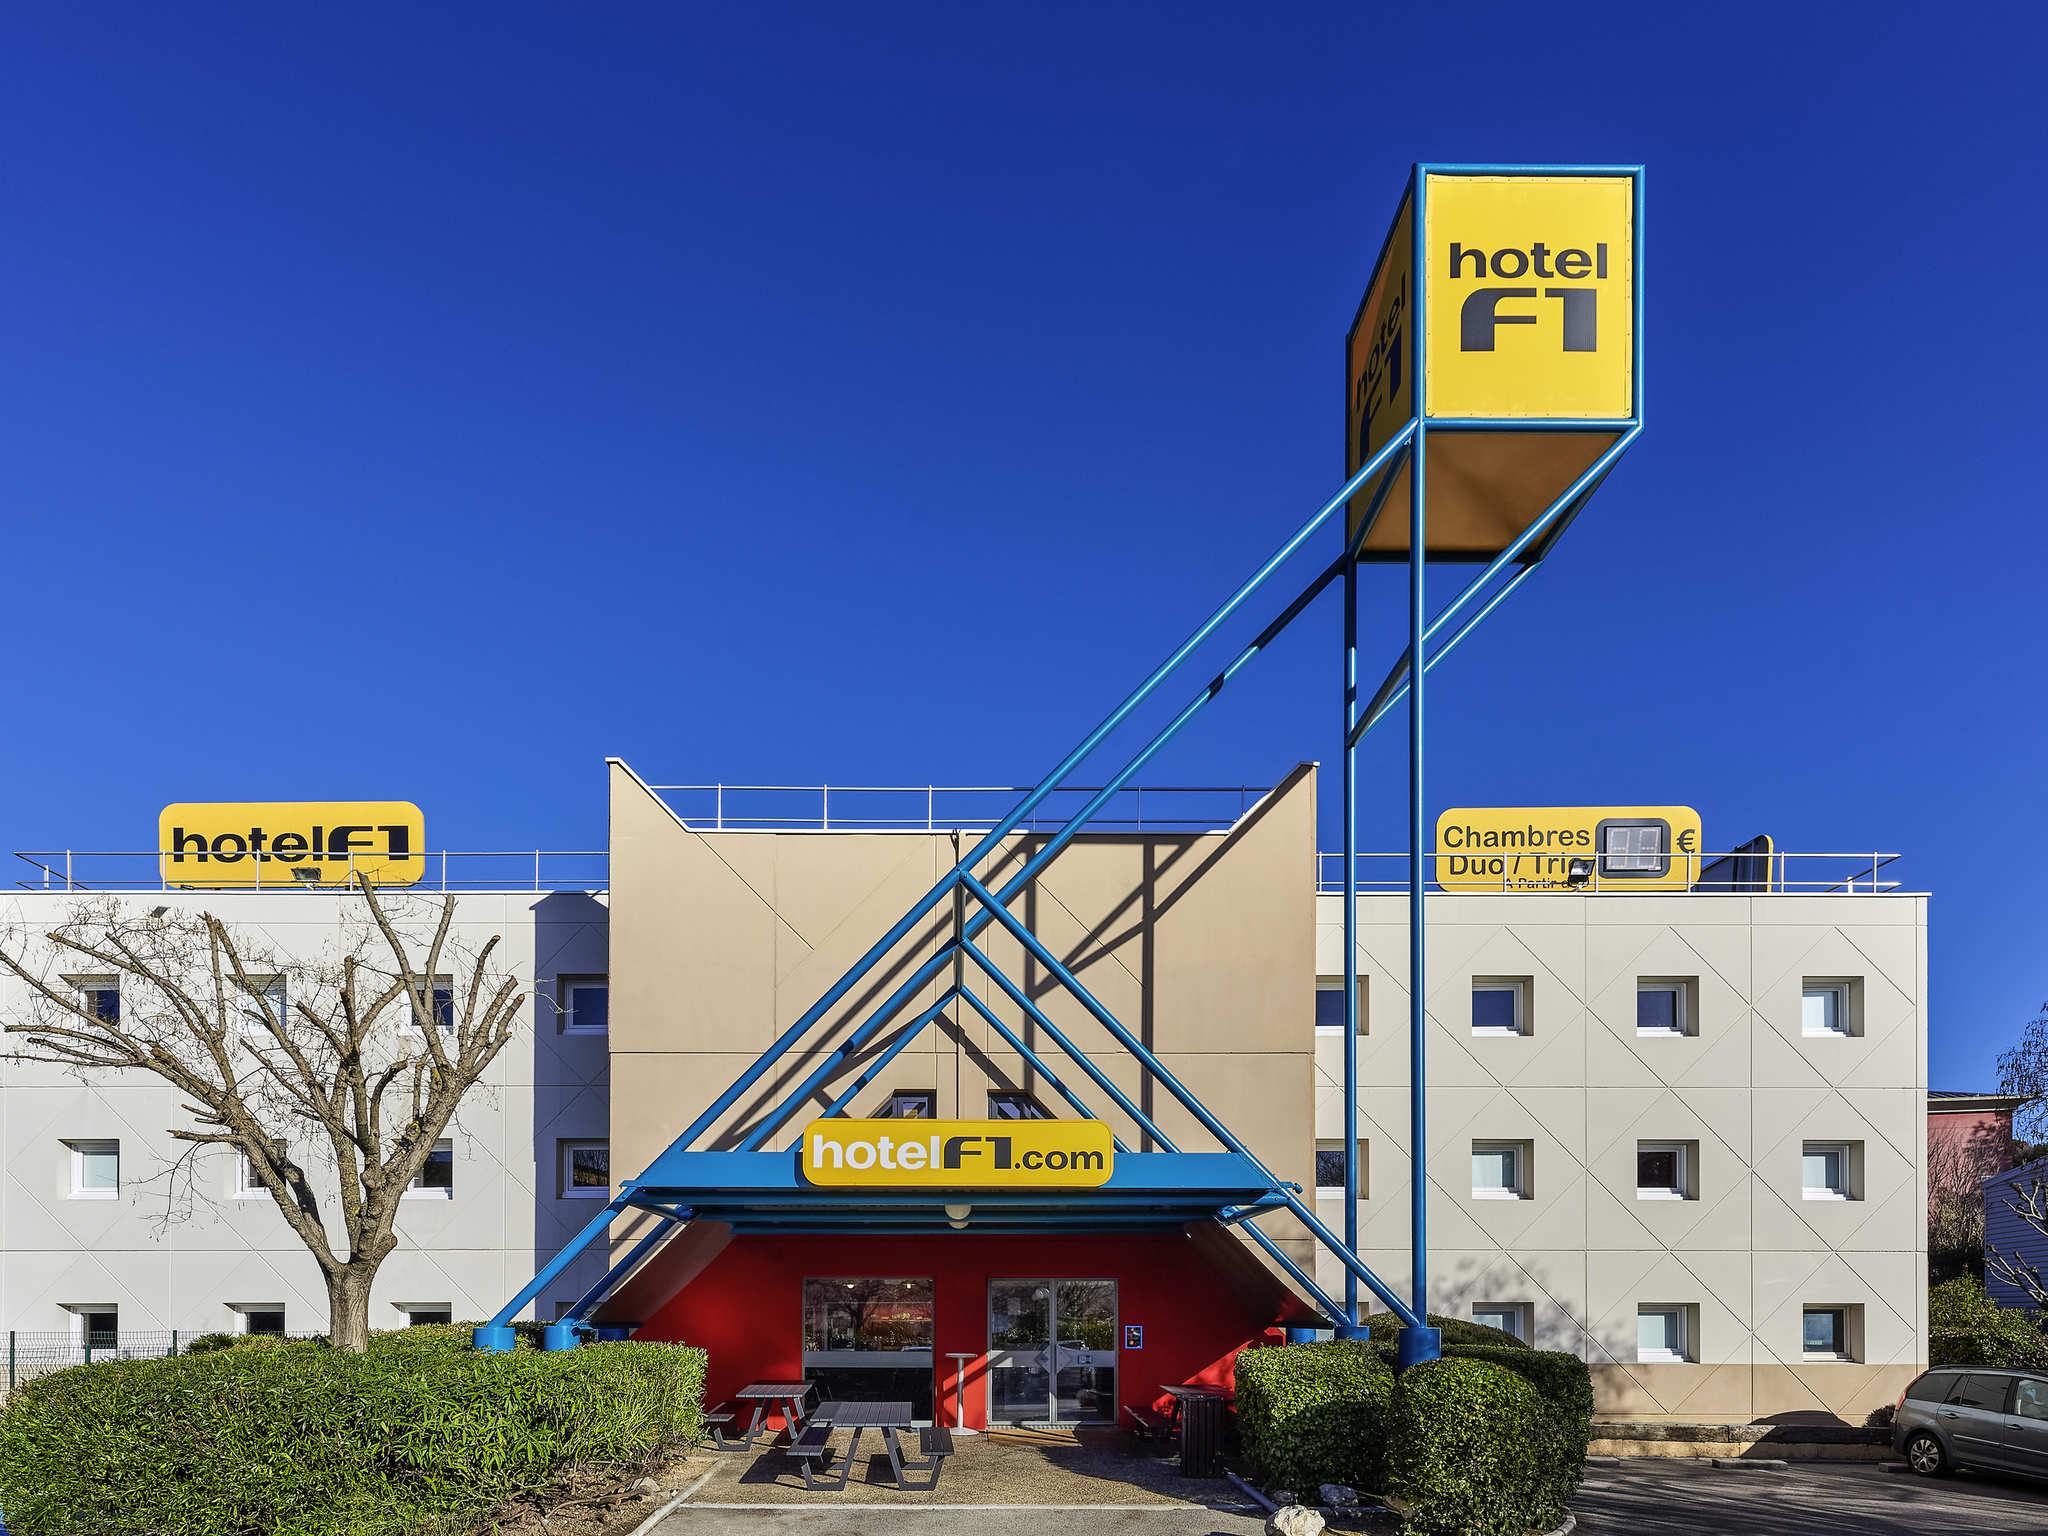 ホテル – hotelF1 Bollène A7